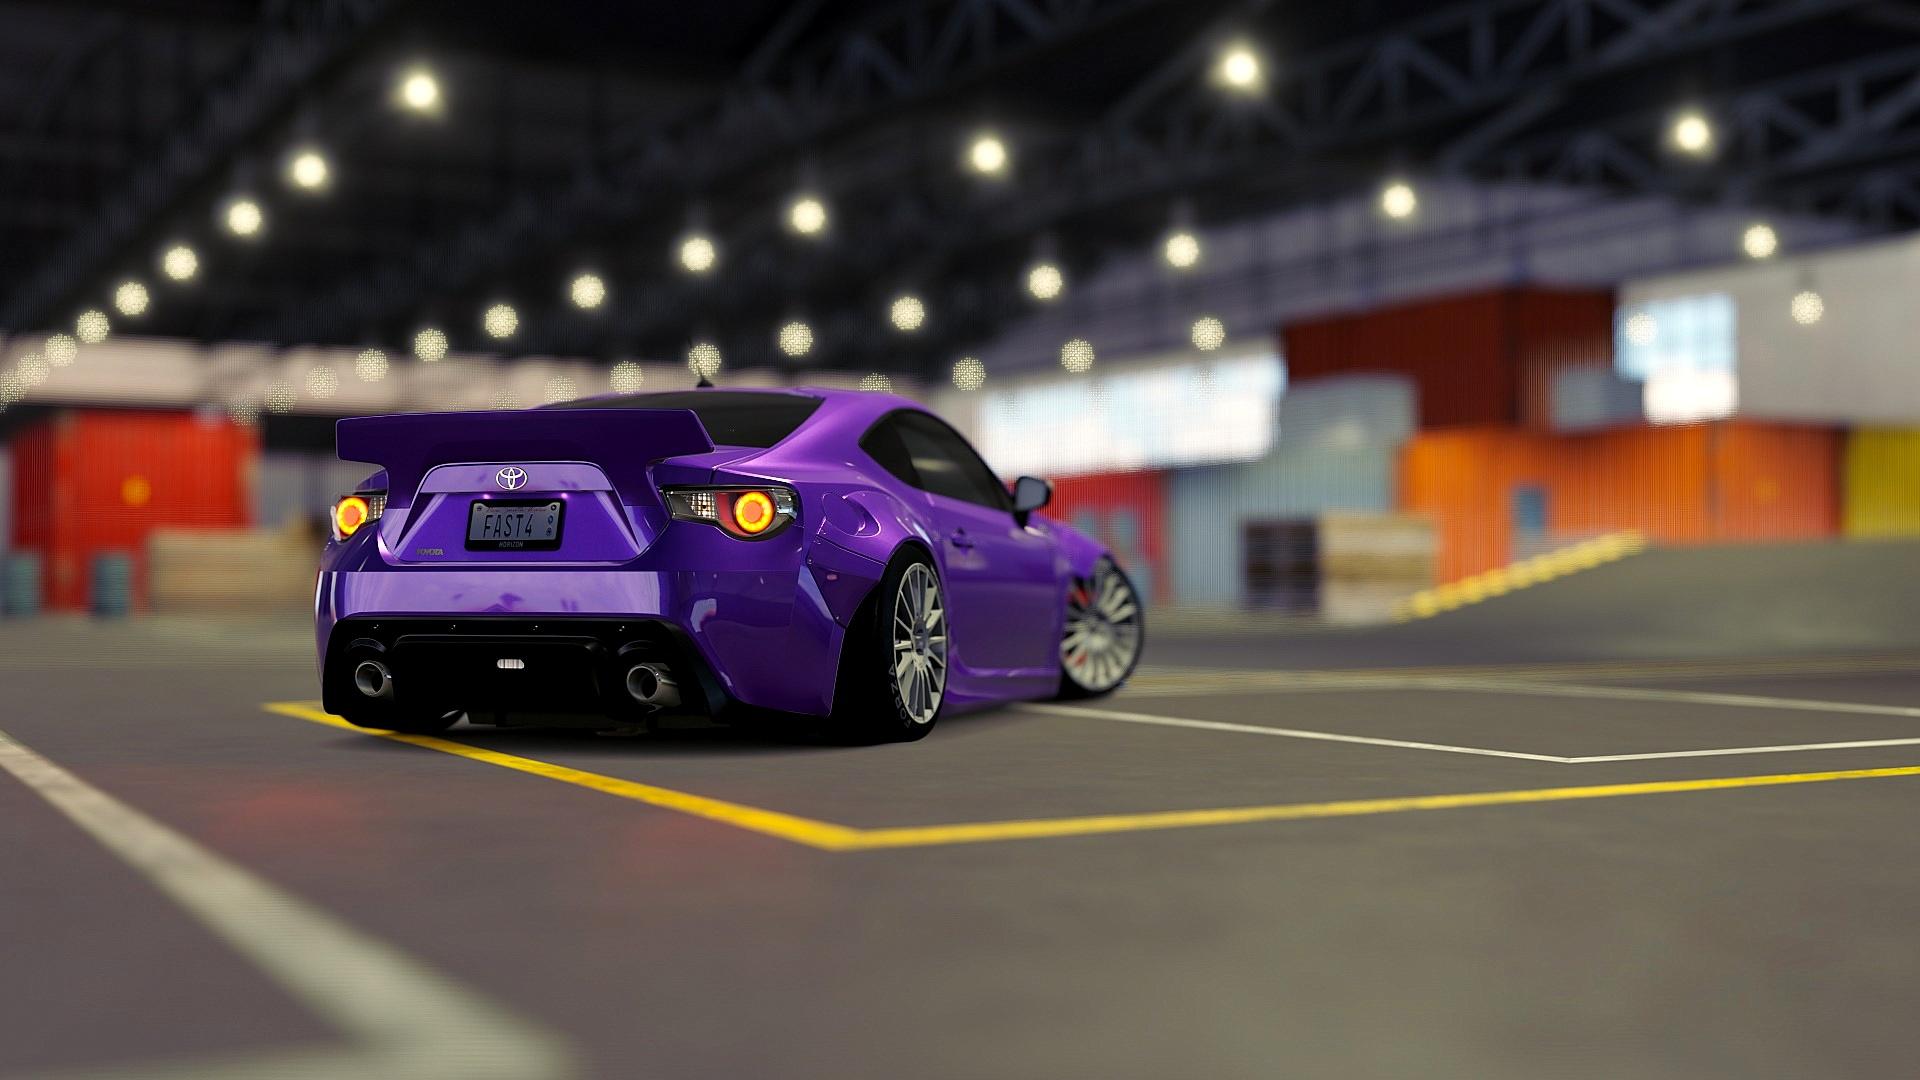 570+ Gambar Mobil Balap Hd Gratis Terbaik